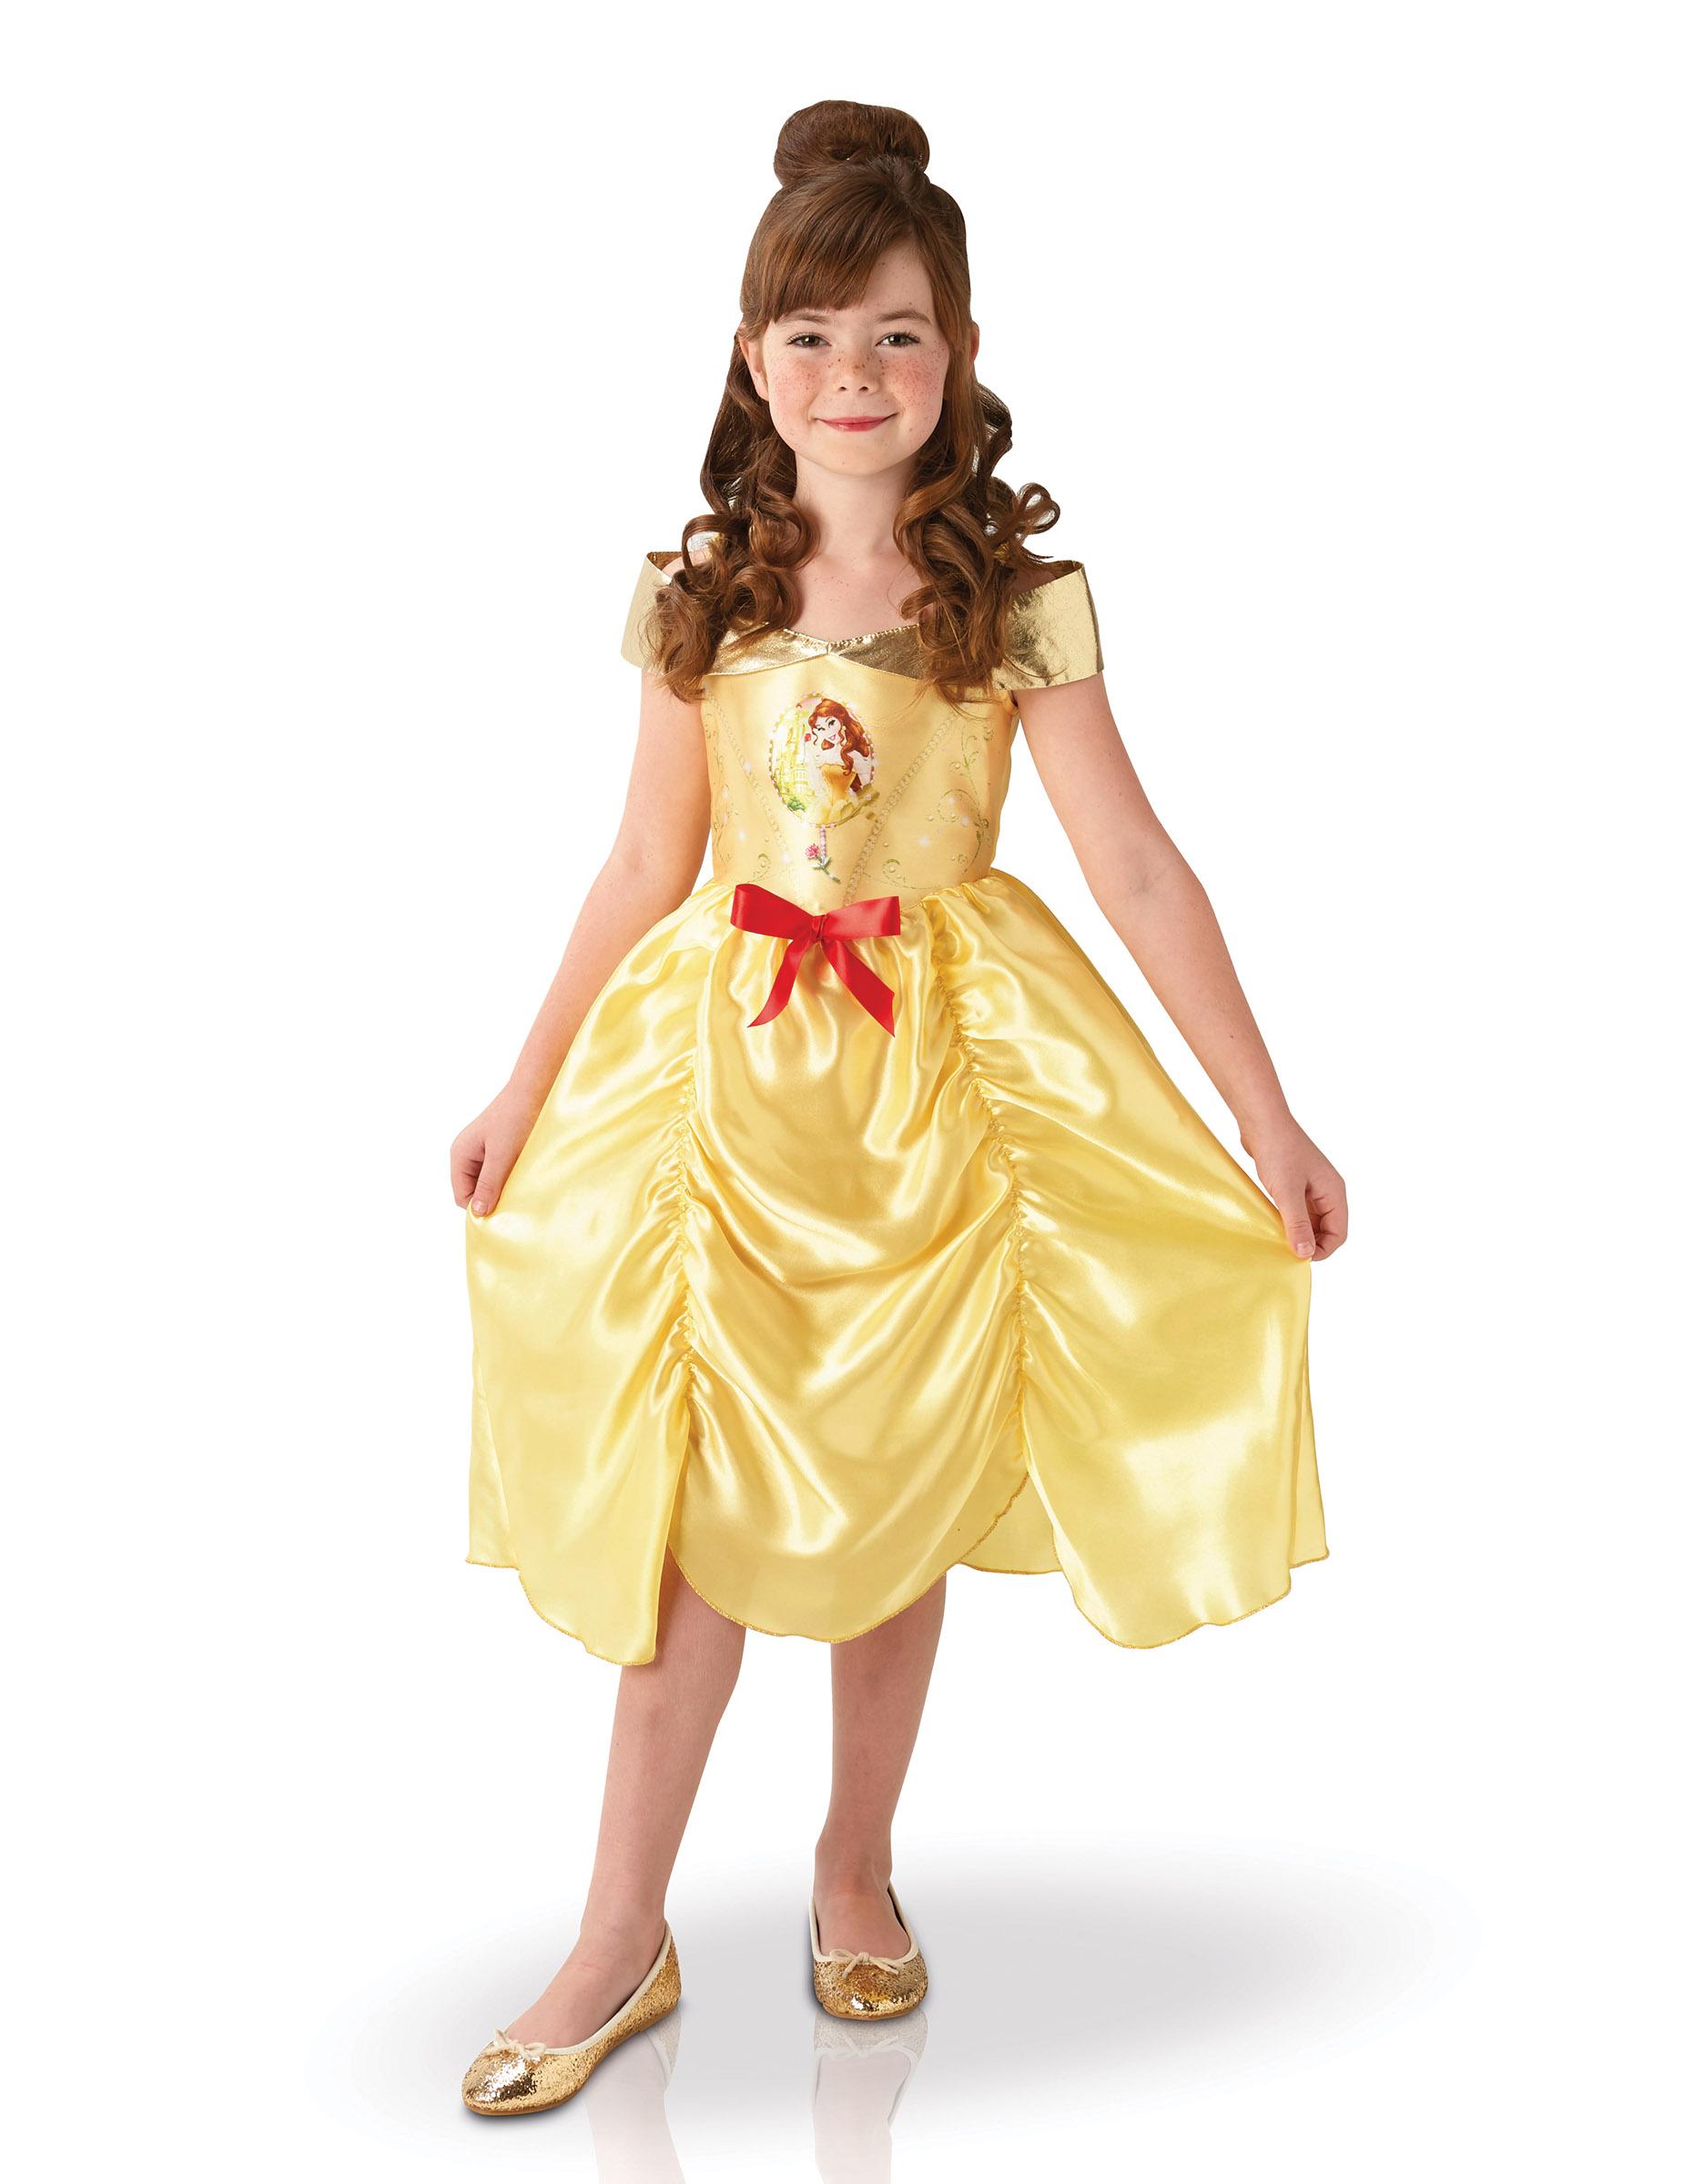 belle costume bambina  Costume di Bella per bambina su VegaooParty, negozio di articoli per ...